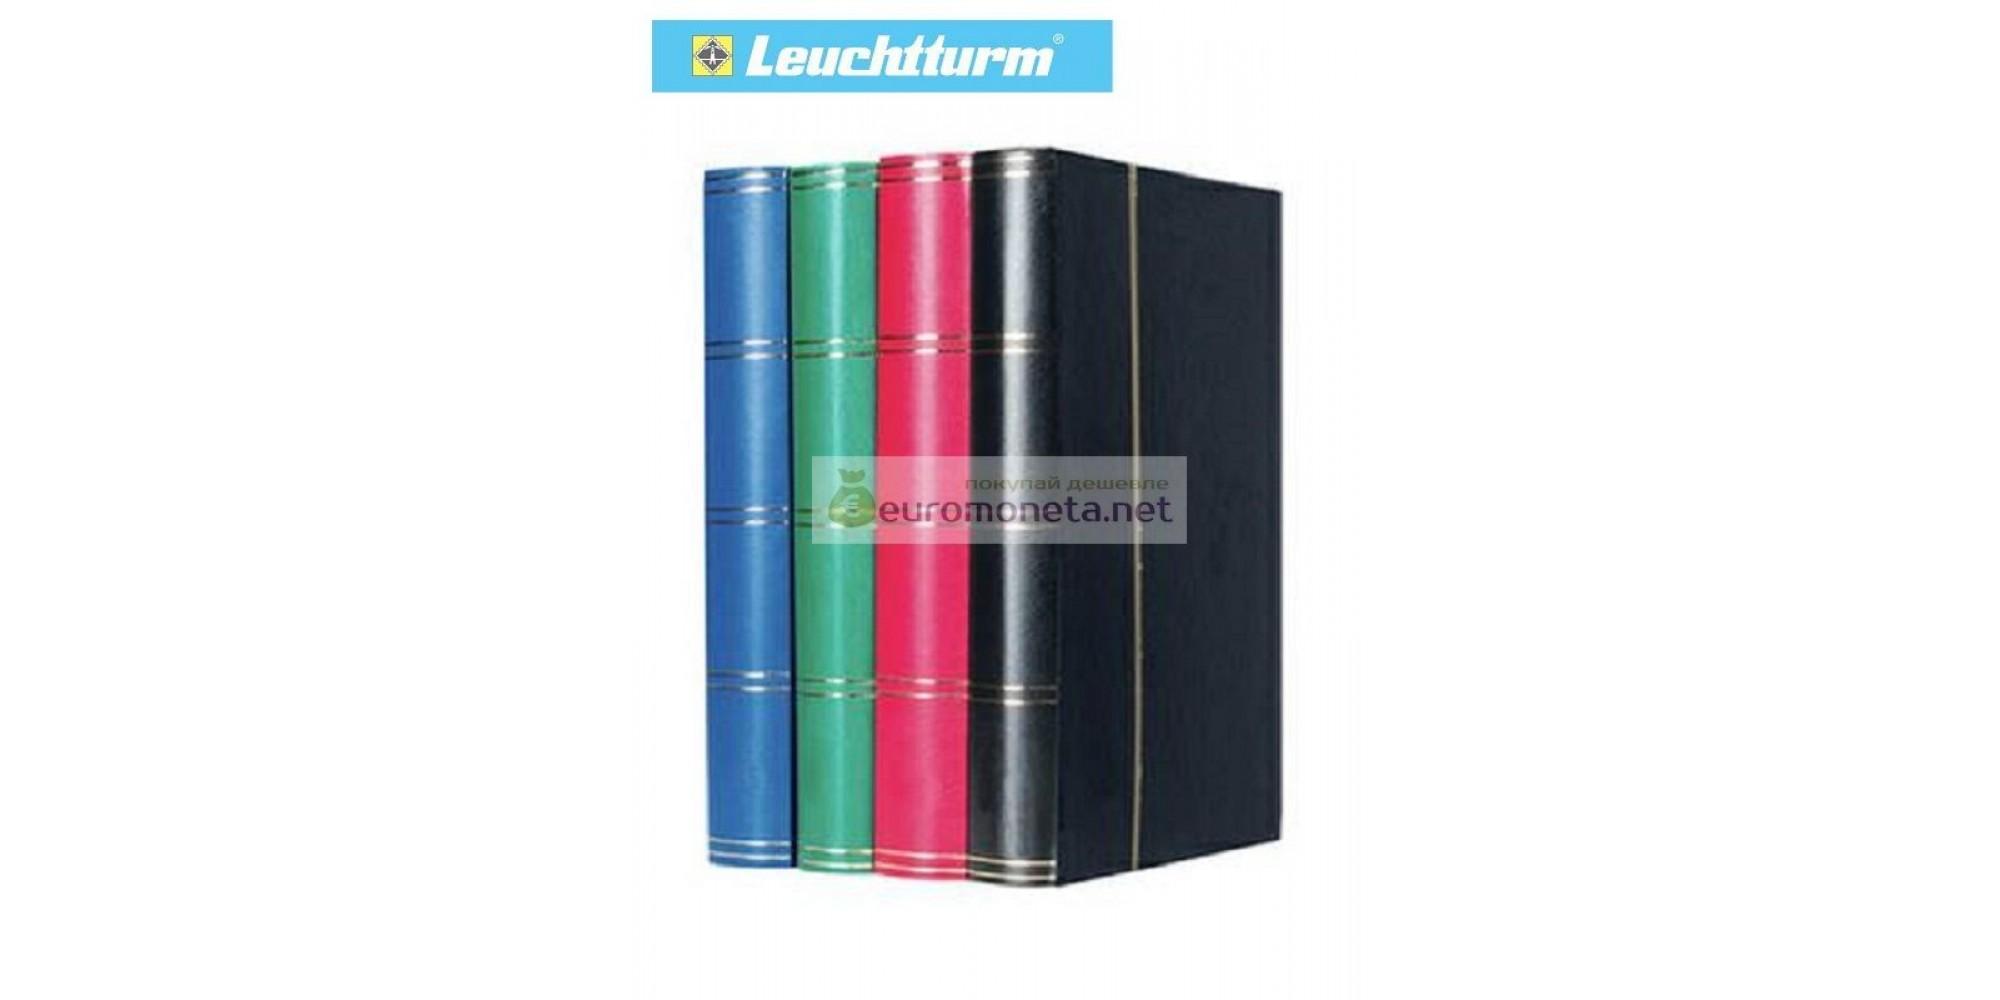 Leuchtturm альбом для марок BASIC DIN A4 30 листов (60 страниц) из чёрного картона с промежуточными листами из пергамина, жёсткая обложка, зелёный